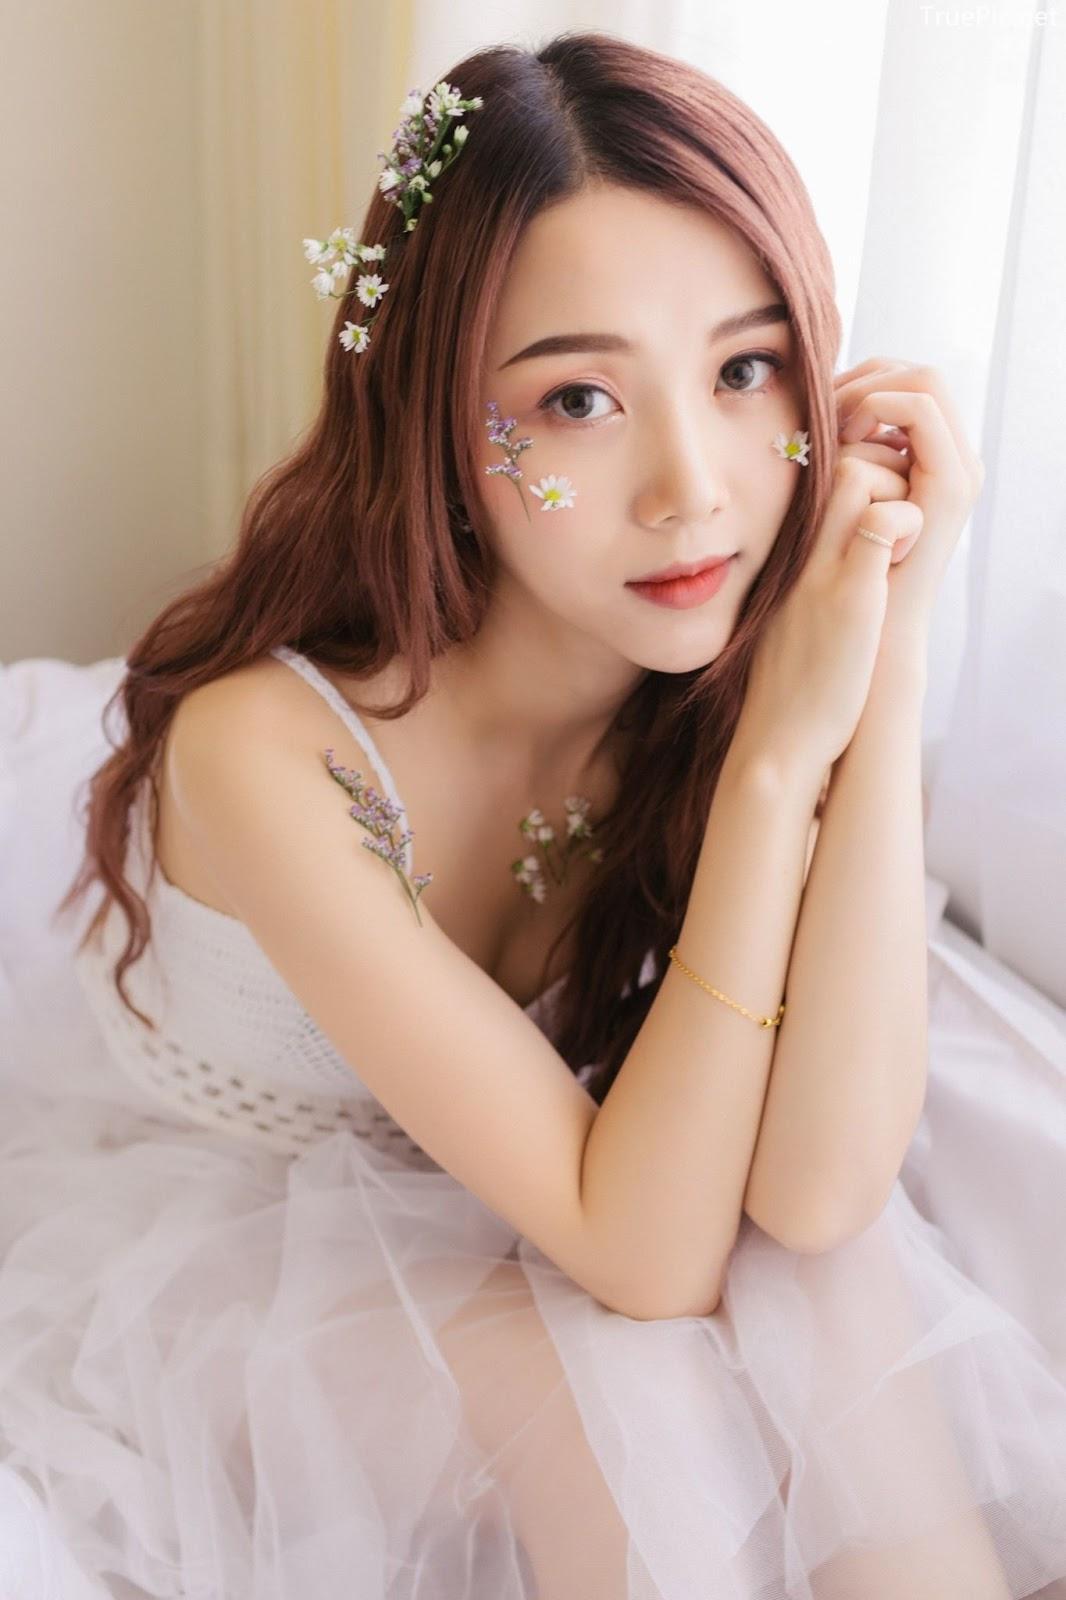 Thailand beautiful model Popor Saechur with photo album Little Princess - Picture 2